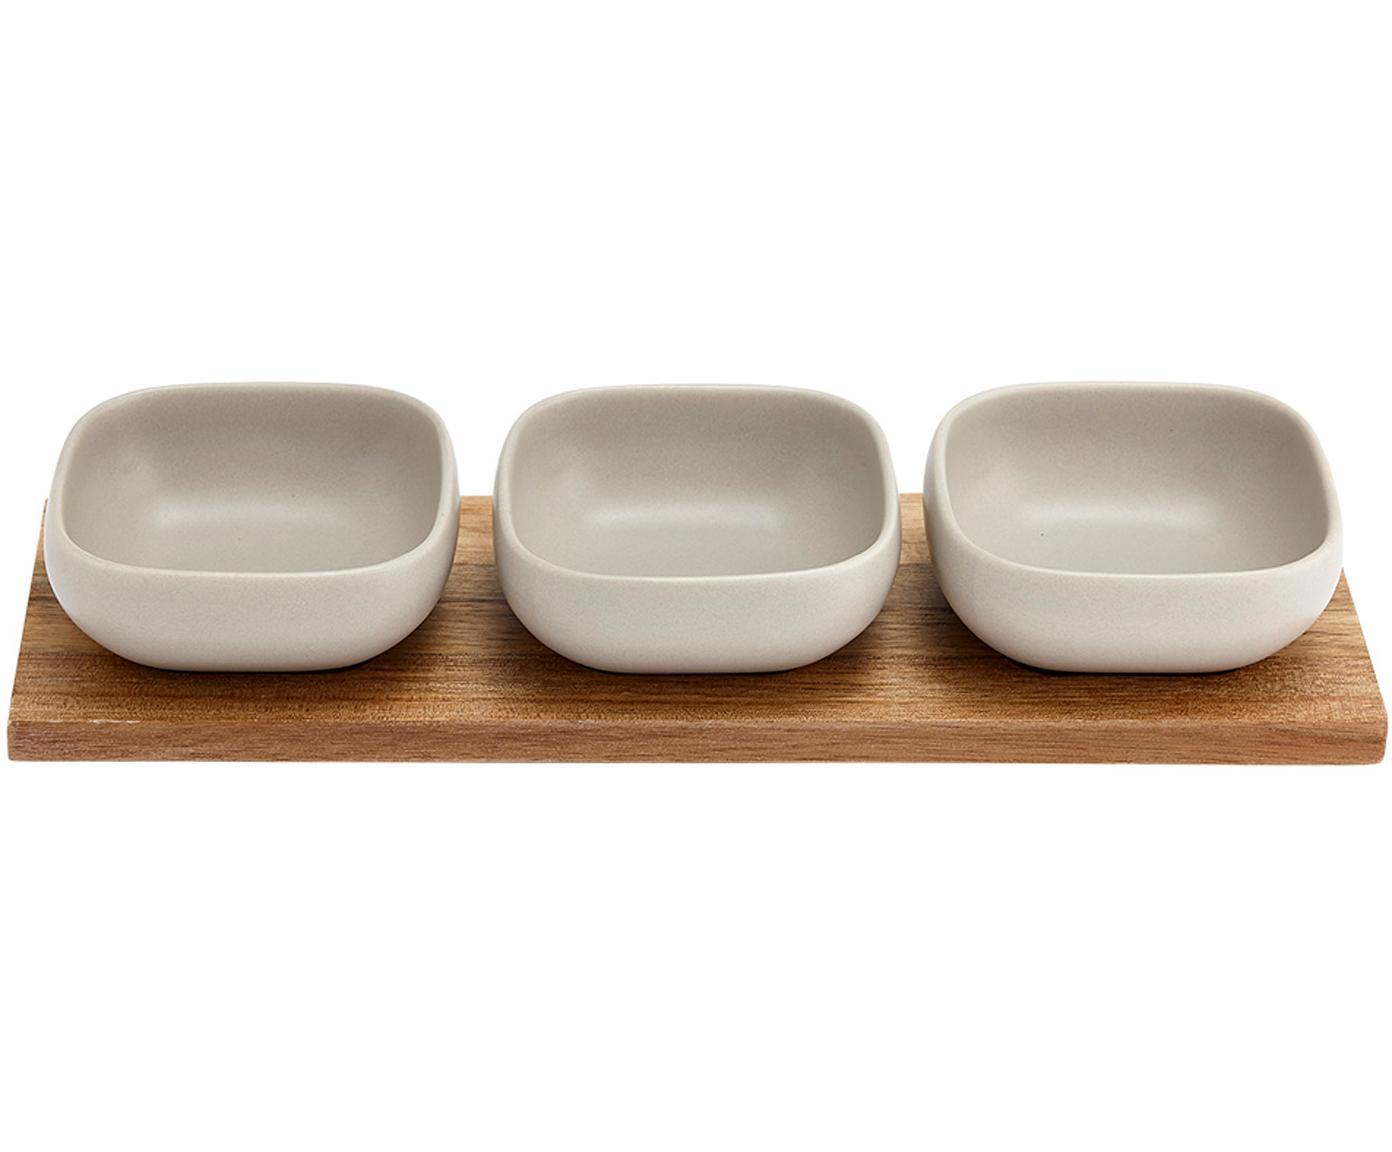 Schälchen-Set Essentials aus Porzellan und Akazienholz, 4-tlg., Schälchen: Porzellan, Tablett: Akazienholz, Beige, Akazienholz, Sondergrößen